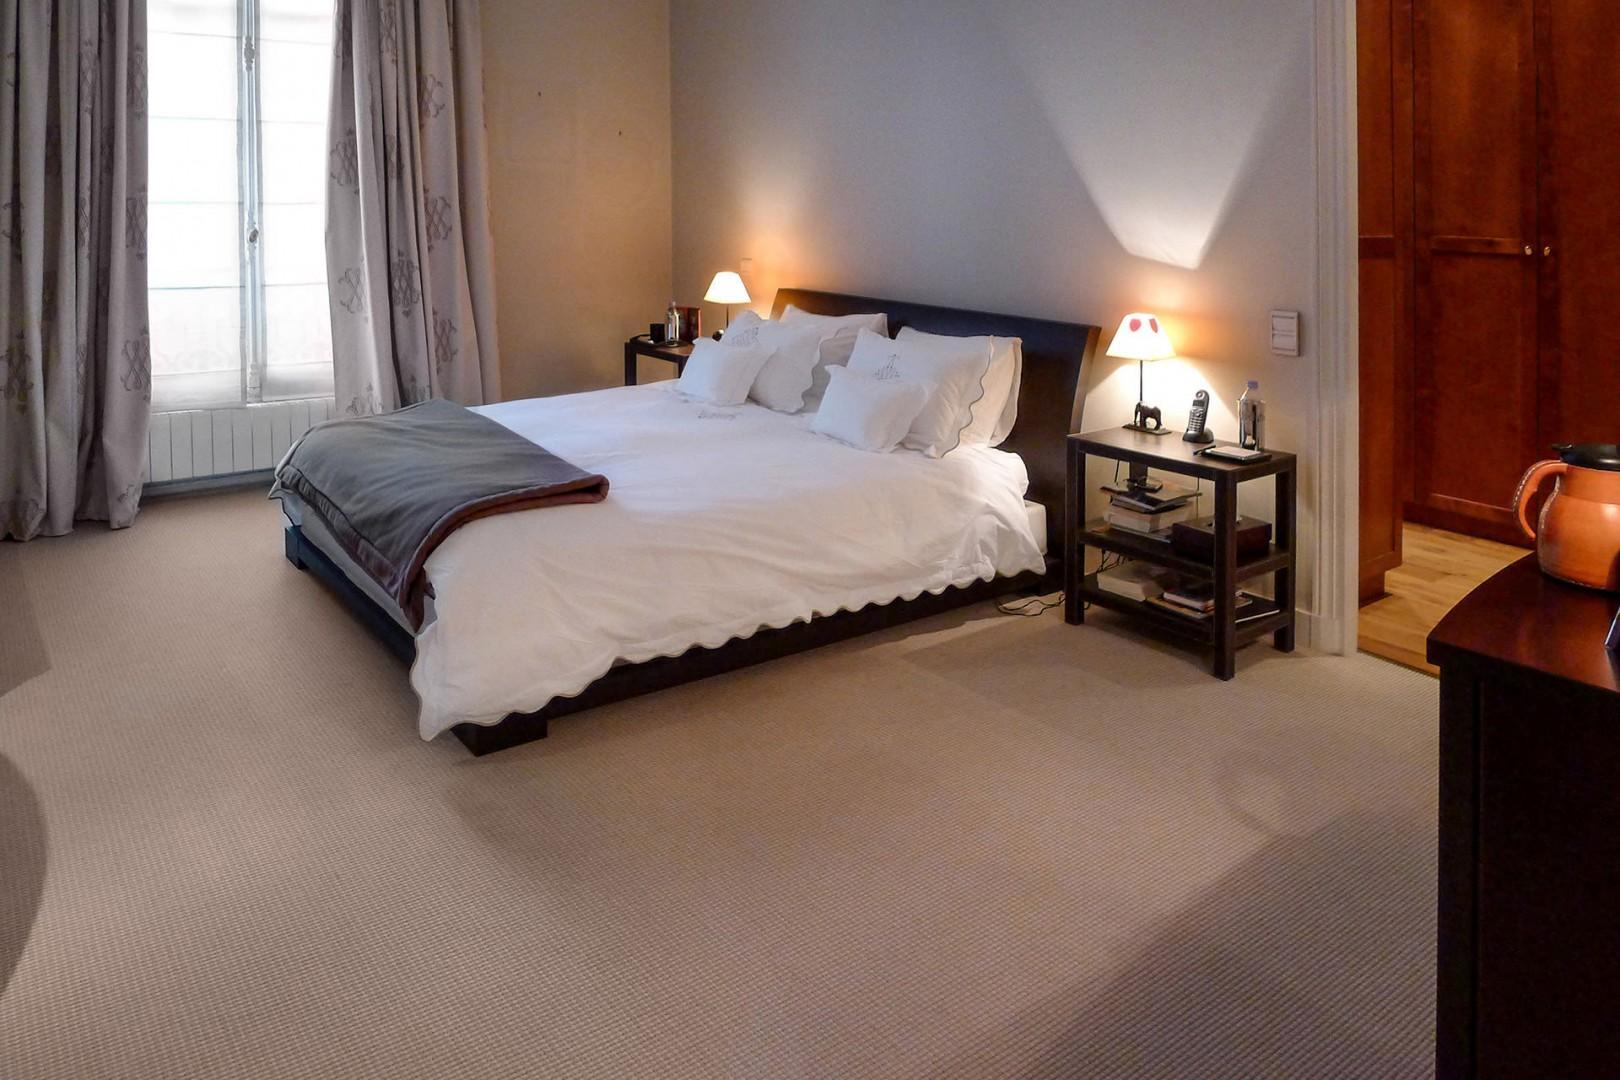 The spacious bedroom 1 has an exquisite en suite bathroom.